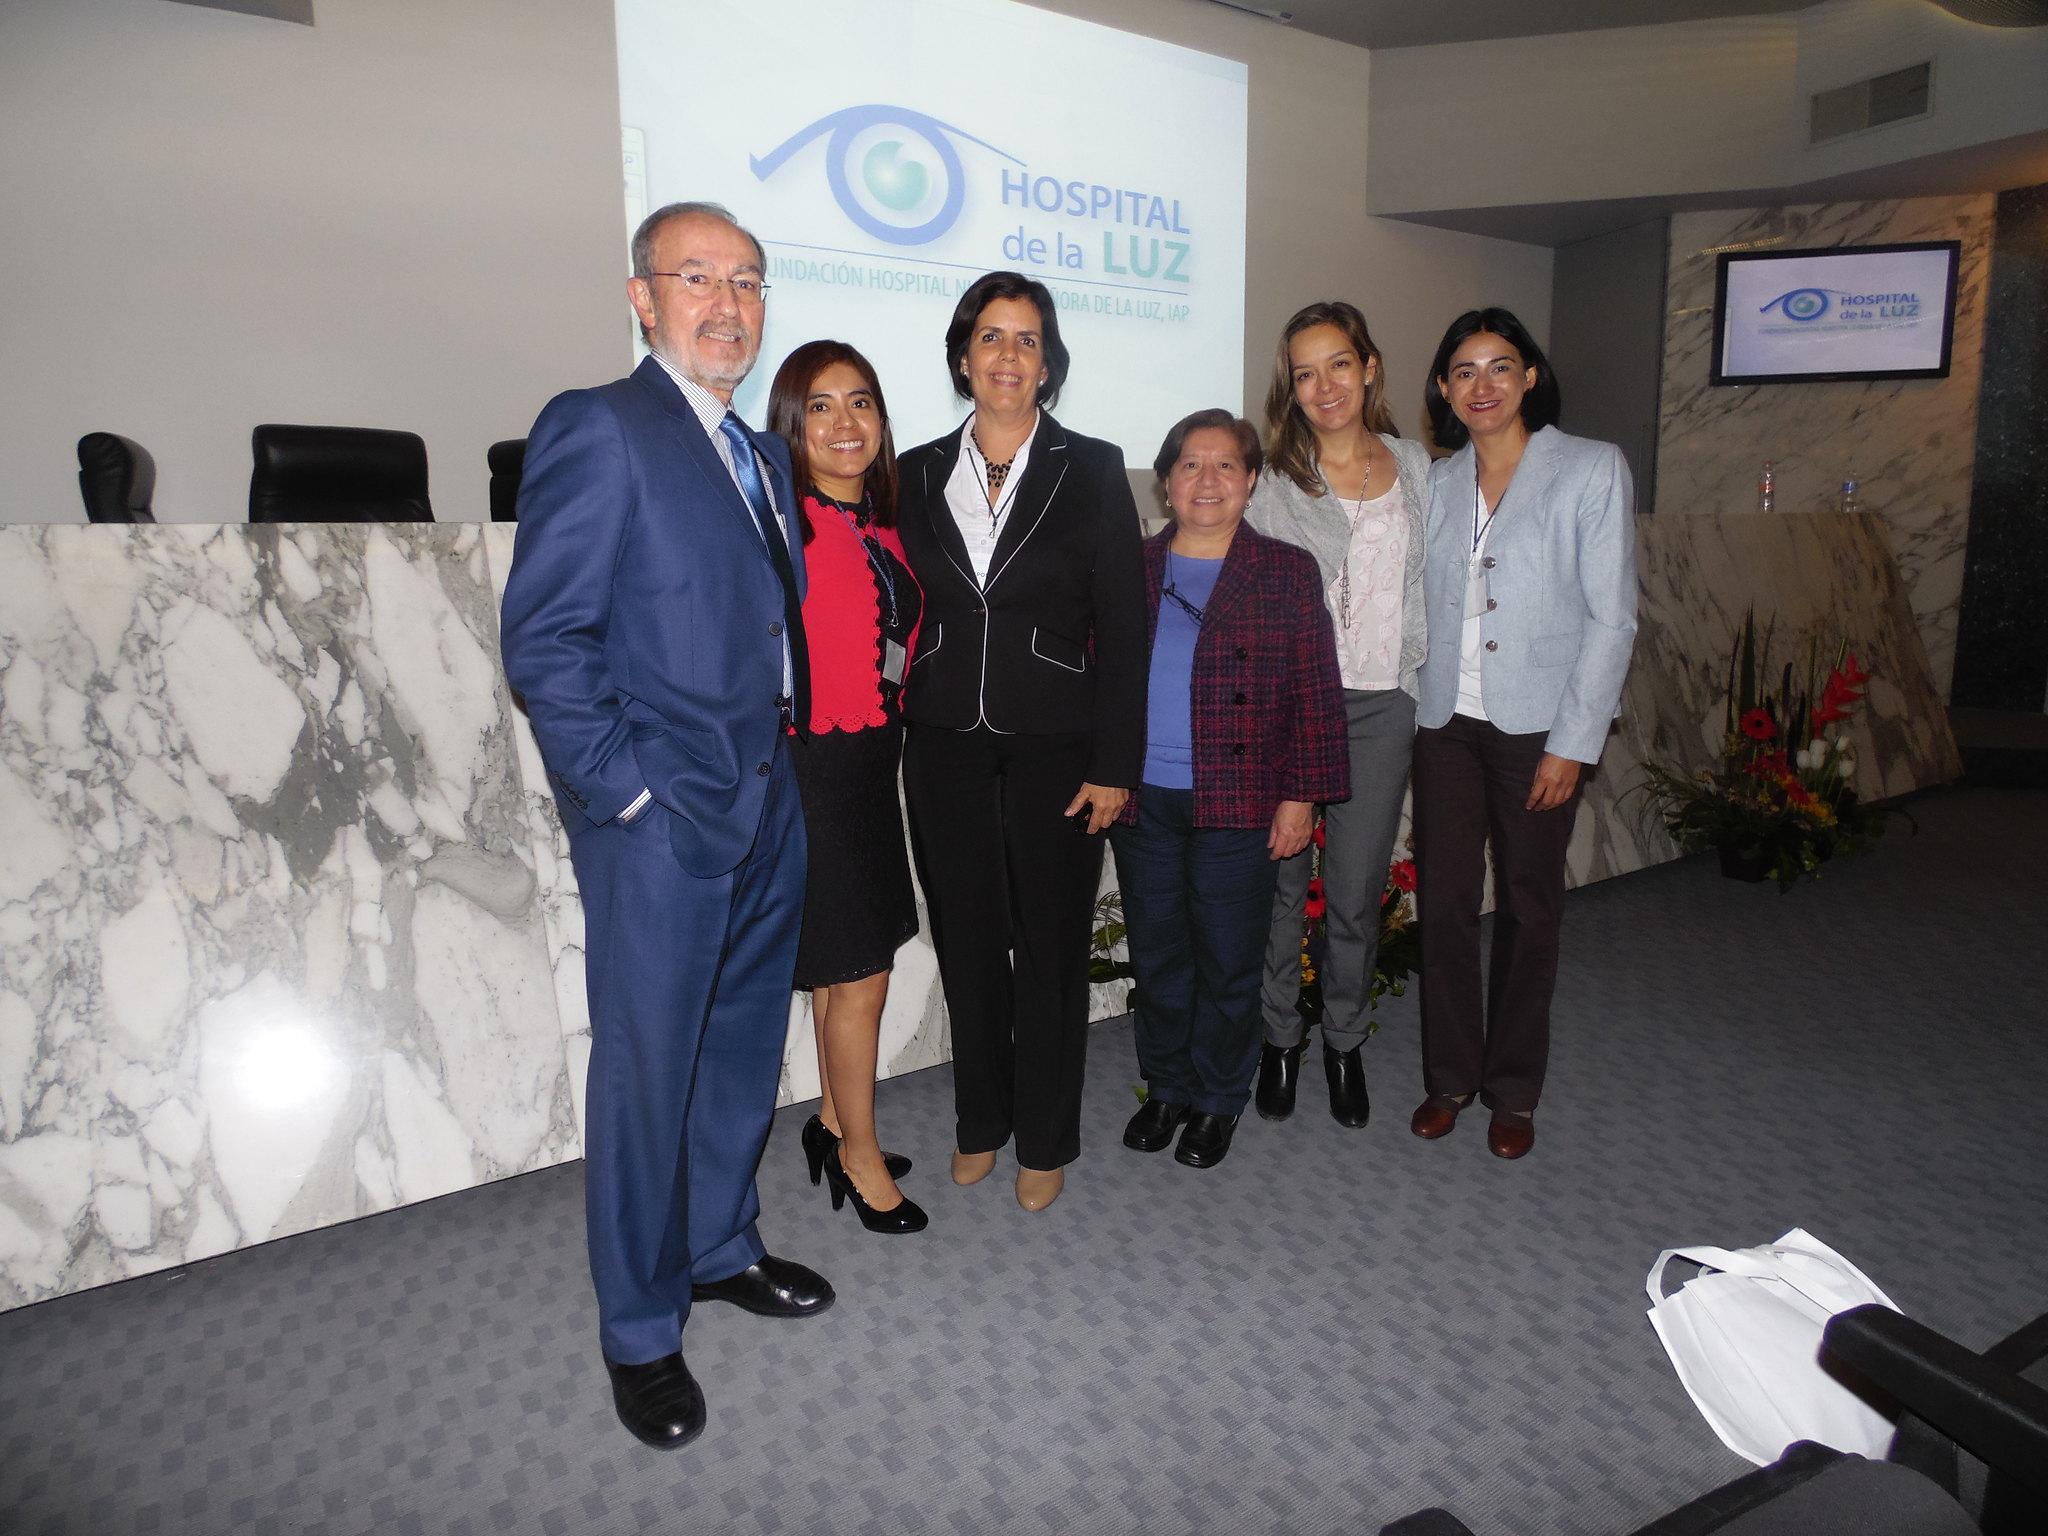 BAJA Vision, Hospital Fundación Nuestra Señora de la Luz